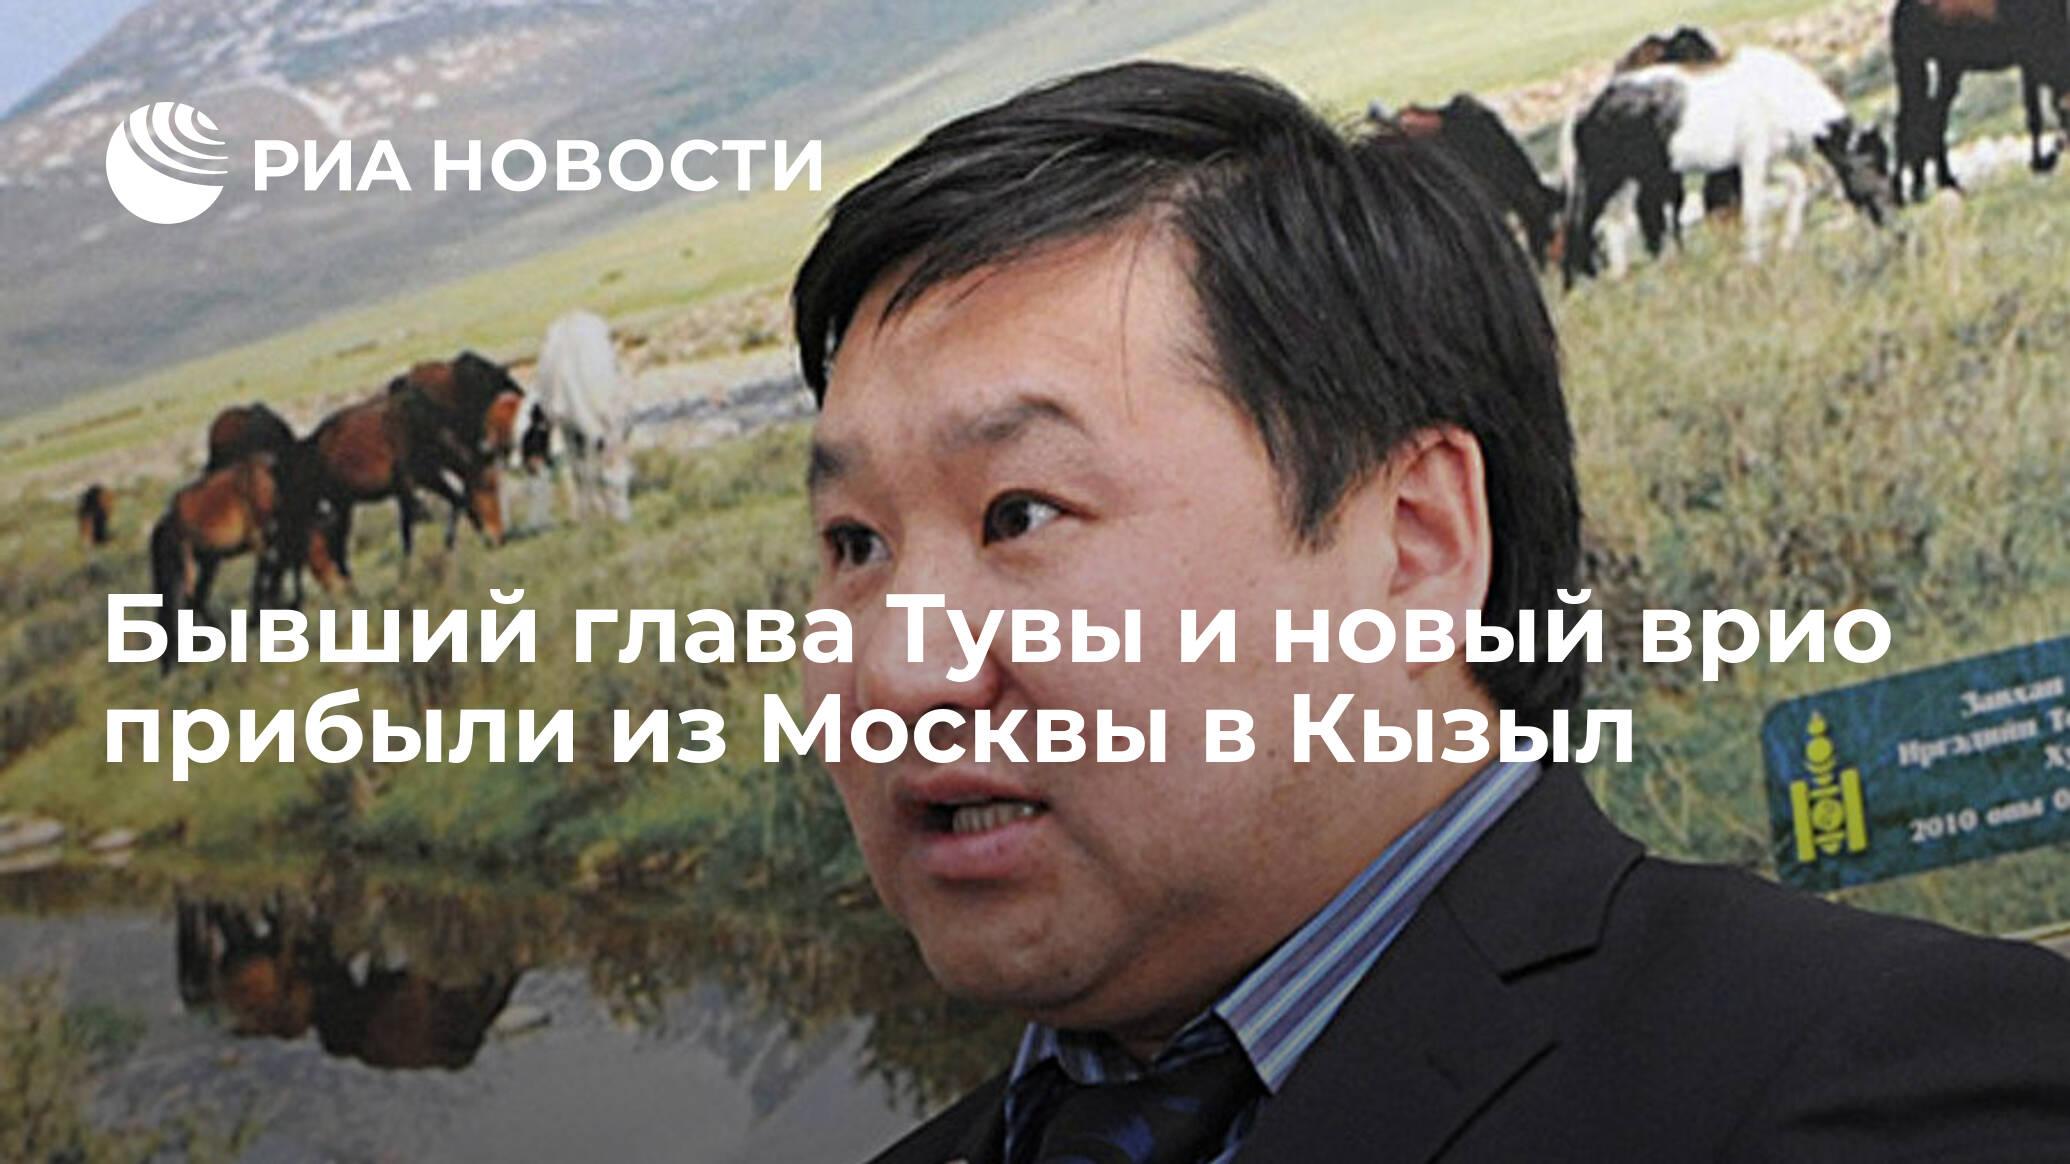 Бывший глава Тувы и новый врио прибыли из Москвы в Кызыл